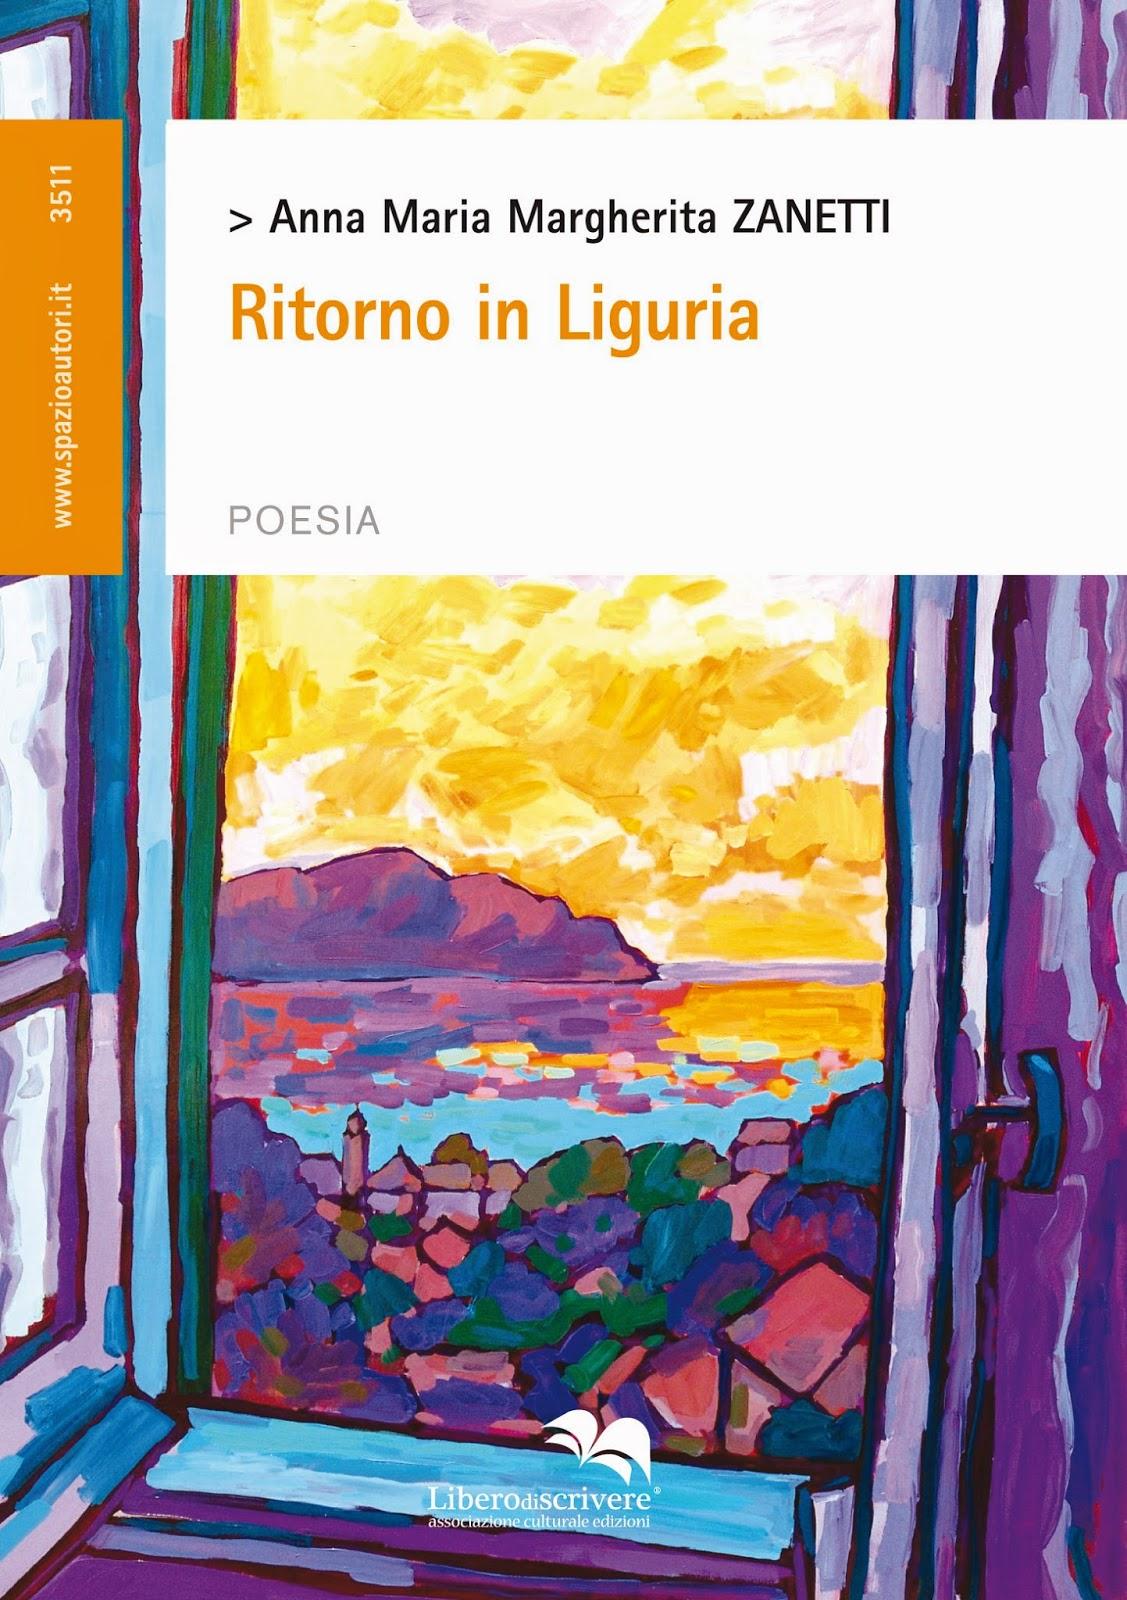 Ritorno in Liguria